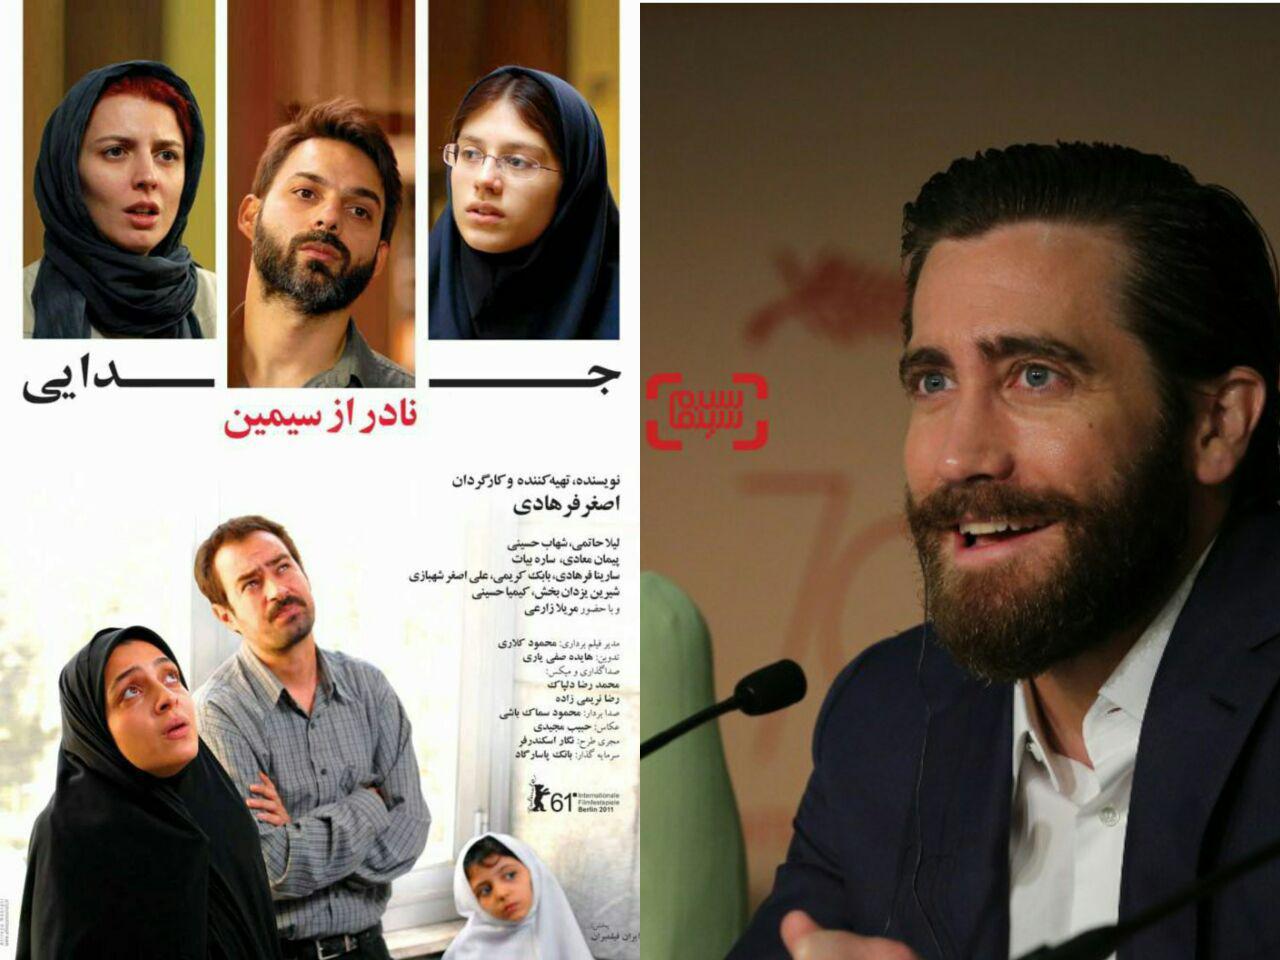 جیک جیلنهال: عاشق فیلم «جدایی» اصغر فرهادی هستم